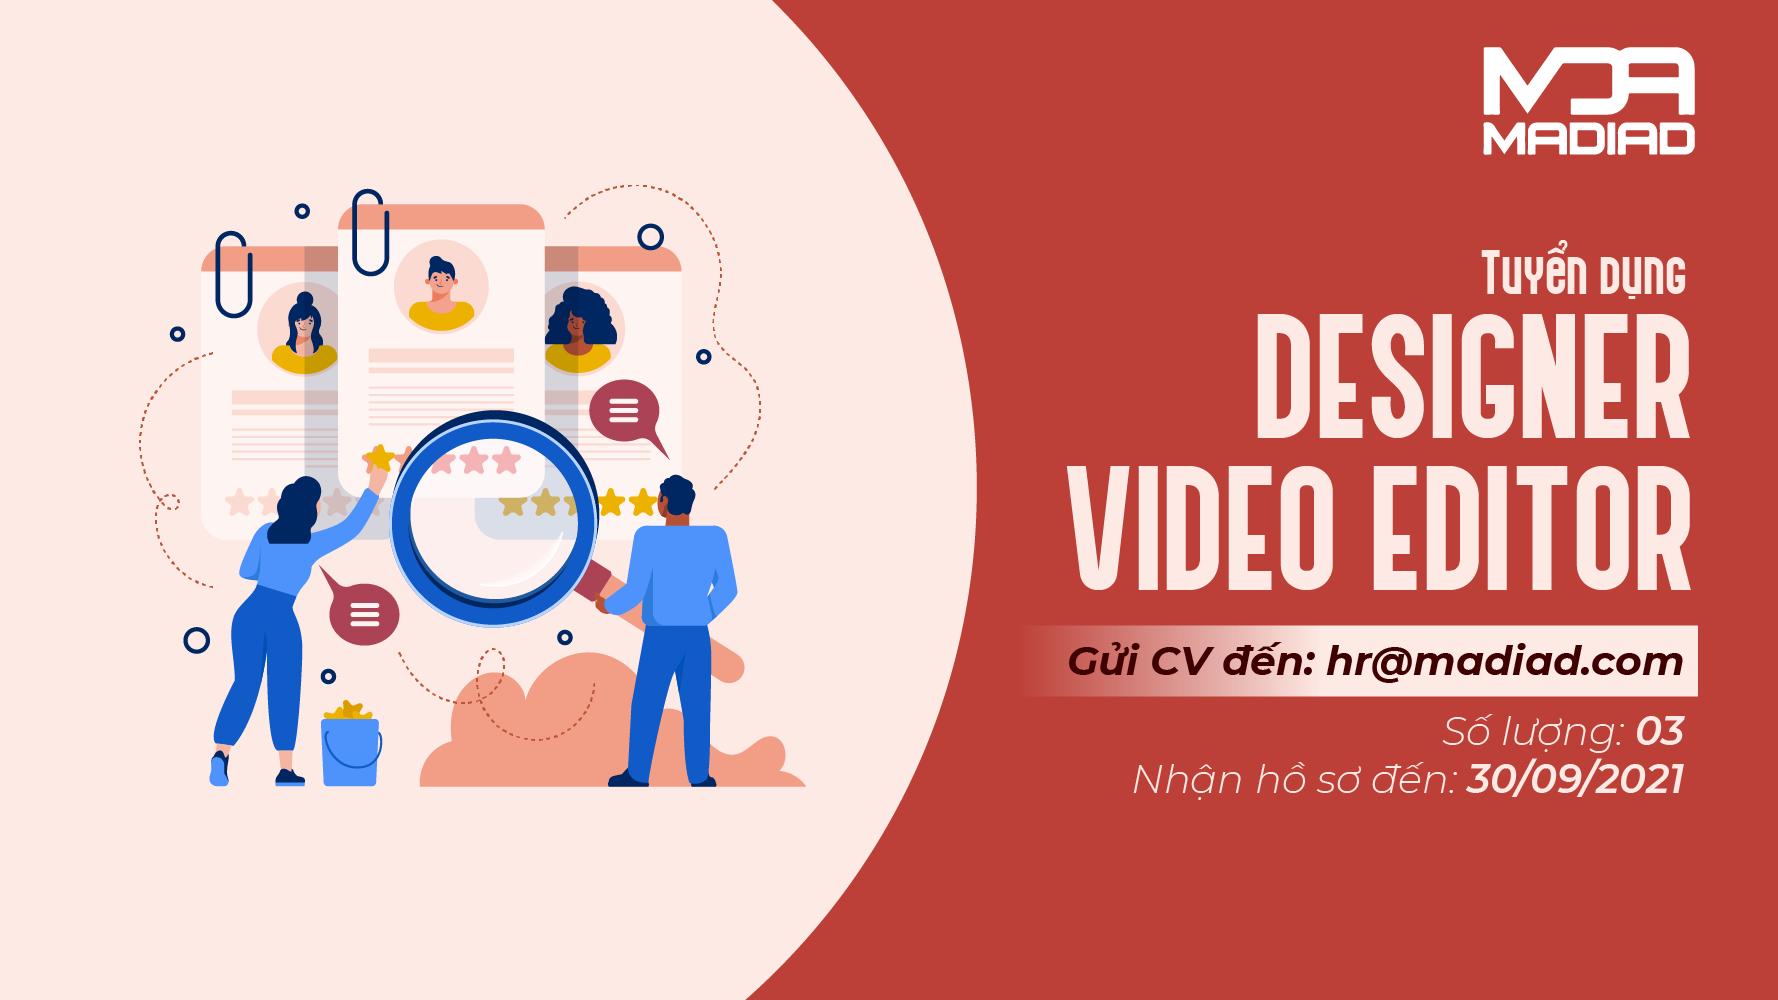 Tuyển dụng nhân viên DESIGNER/VIDEO EDITOR